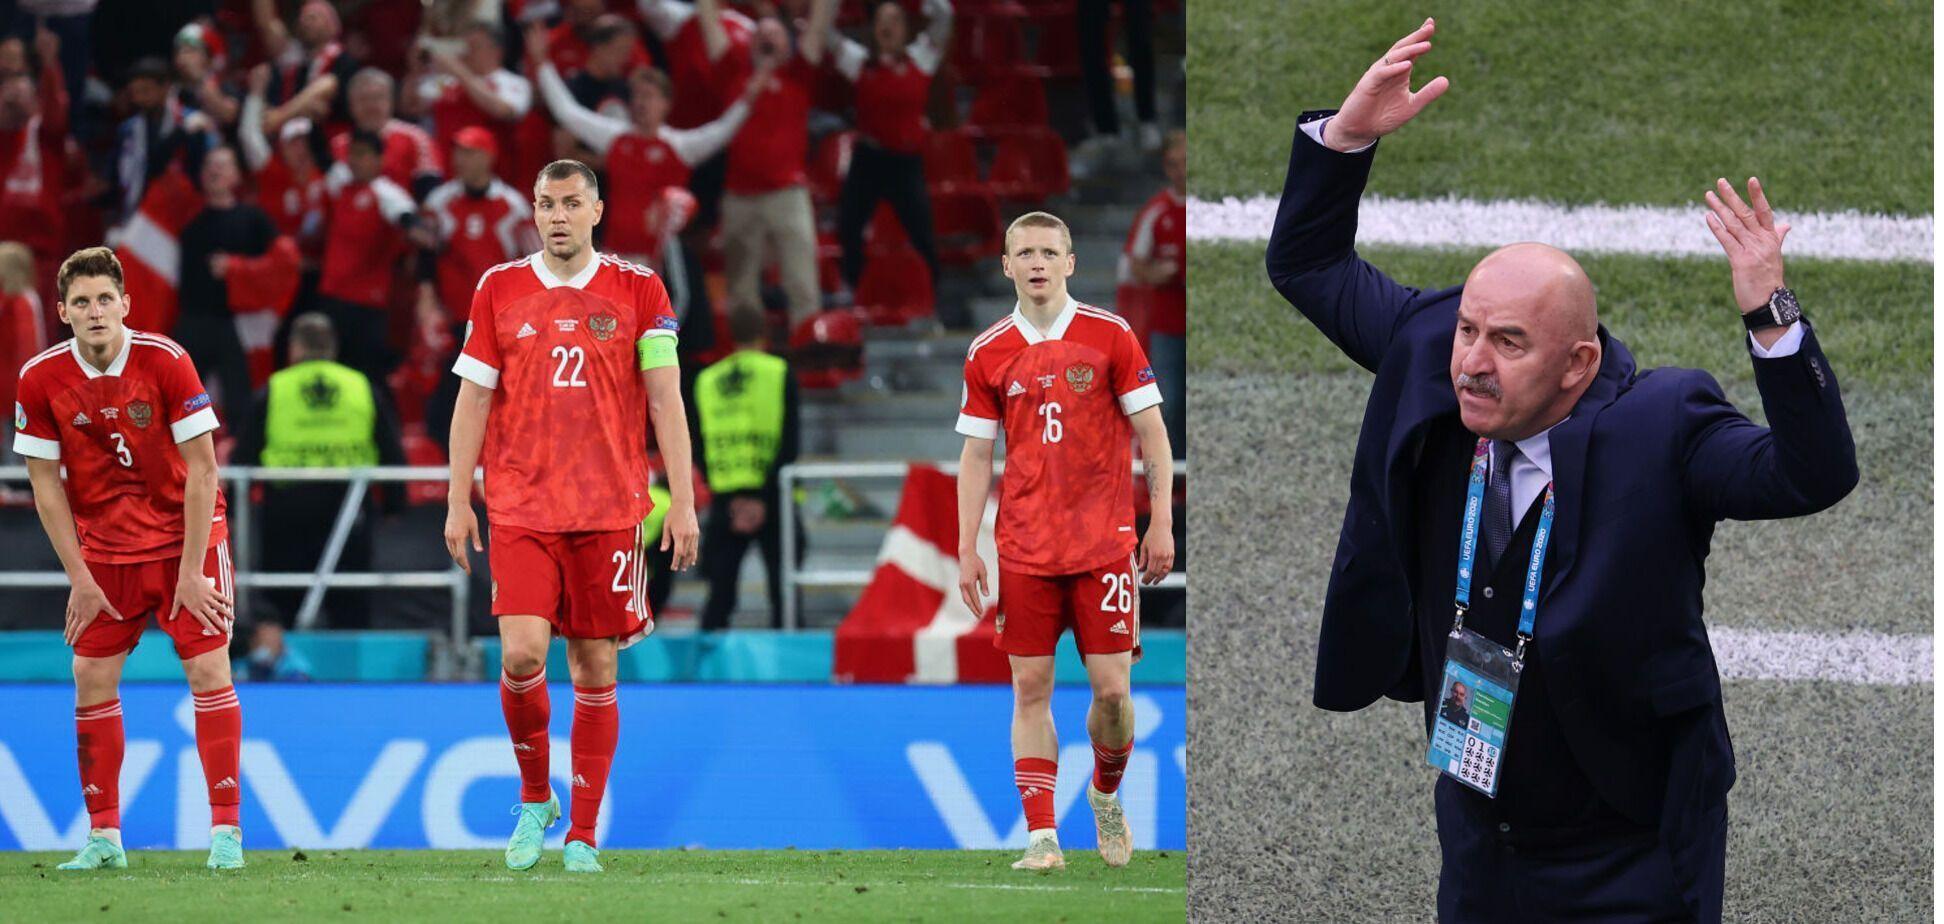 Станислав Черчесов зарабатывает 2,5 миллиона евро в год, но провалился с Россией на Евро-2020